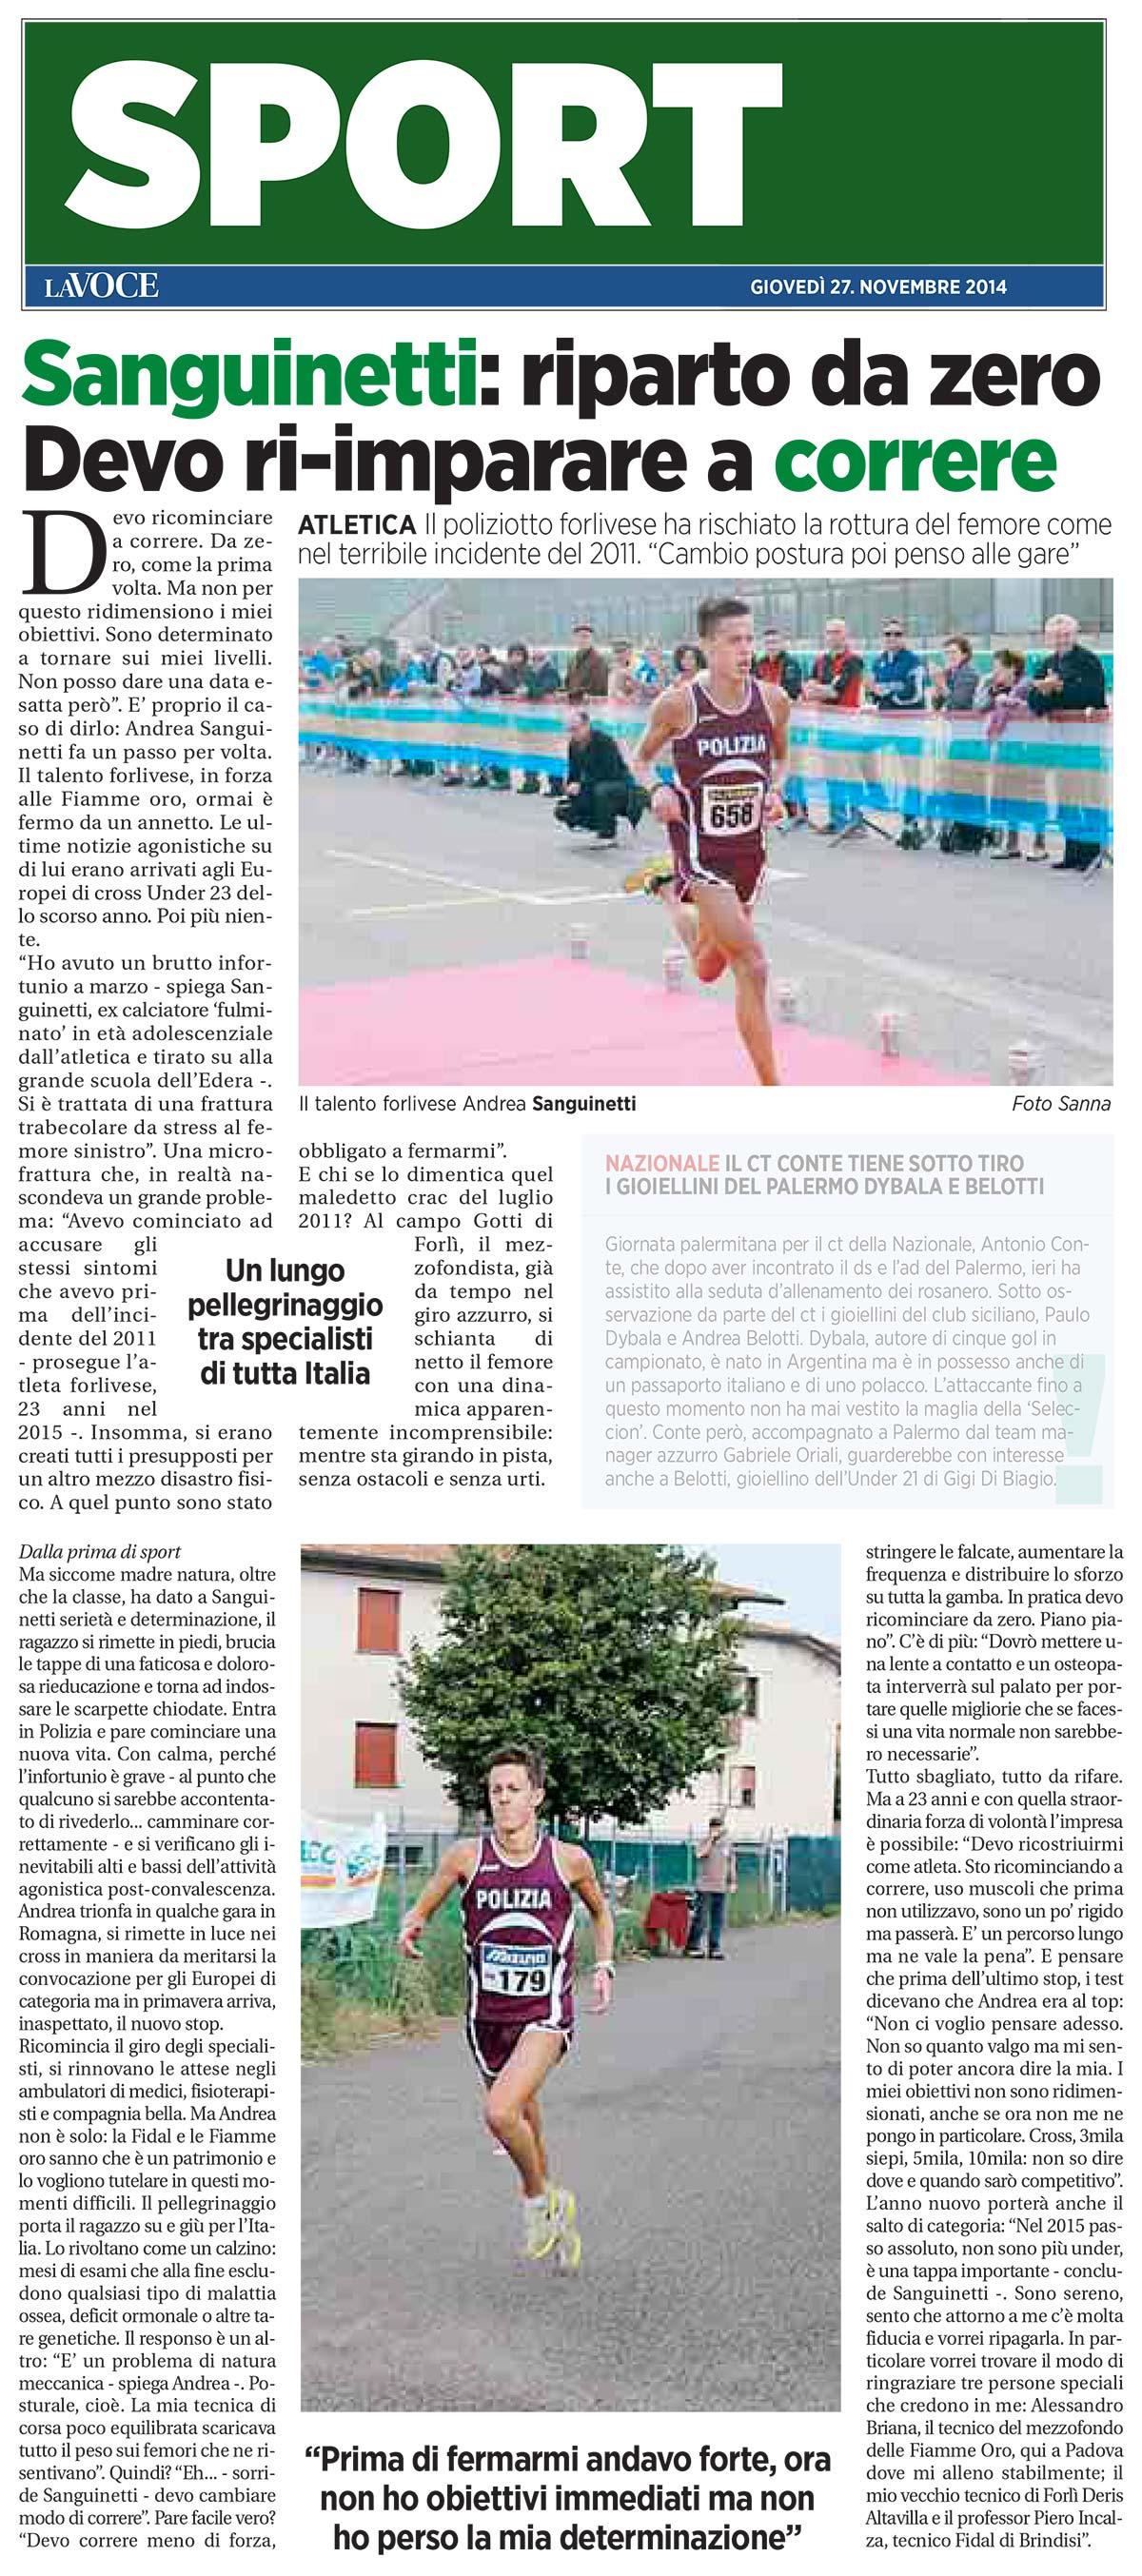 Sanguinetti La Voce 27 npvembre 2014 - Fiamme Oro Atletica